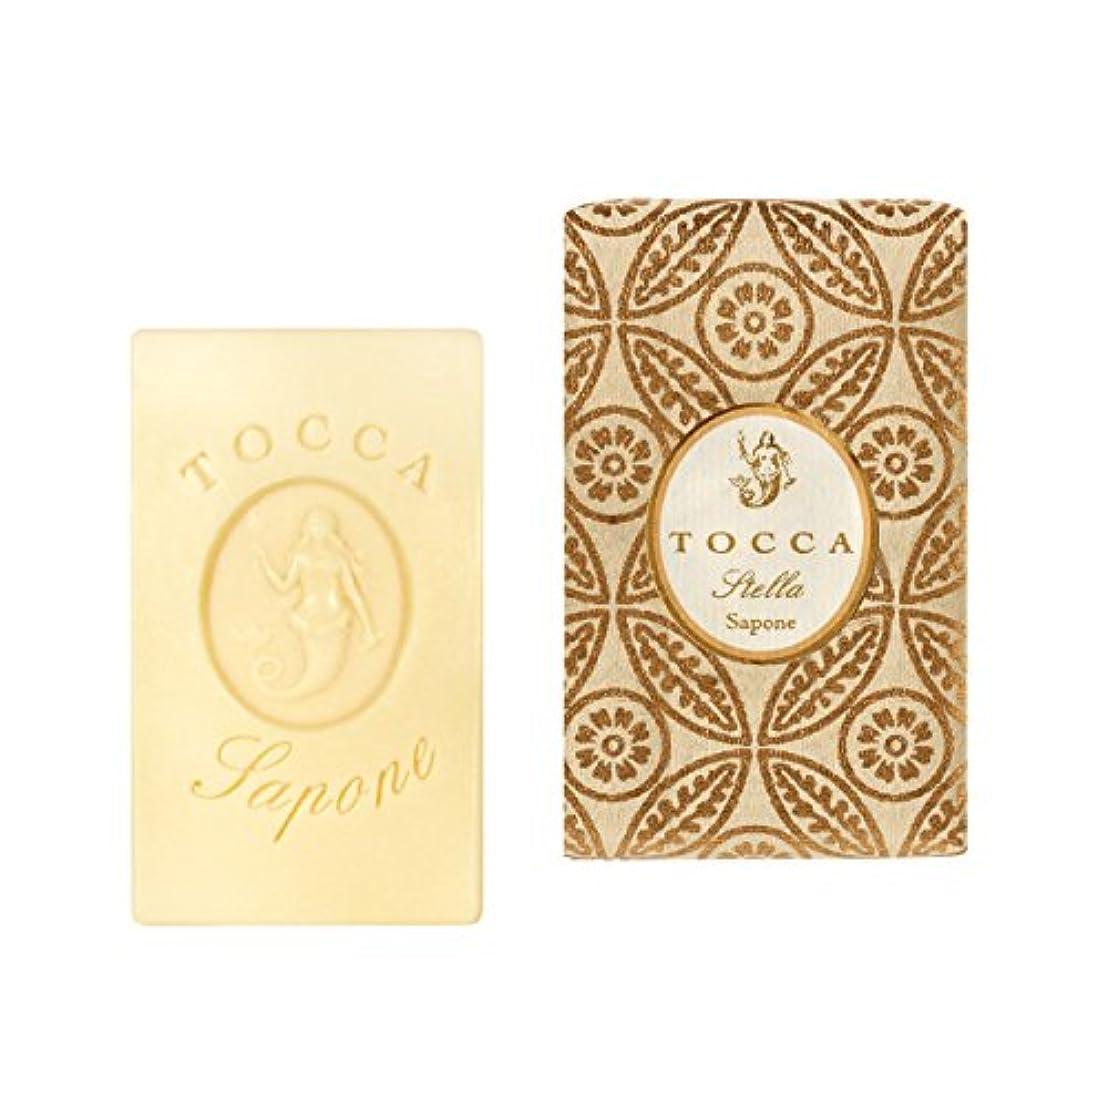 セントリラックスした写真トッカ(TOCCA) ソープバー ステラの香り 113g(石けん 化粧石けん イタリアンブラッドオレンジが奏でるフレッシュでビターな爽やかさ漂う香り)